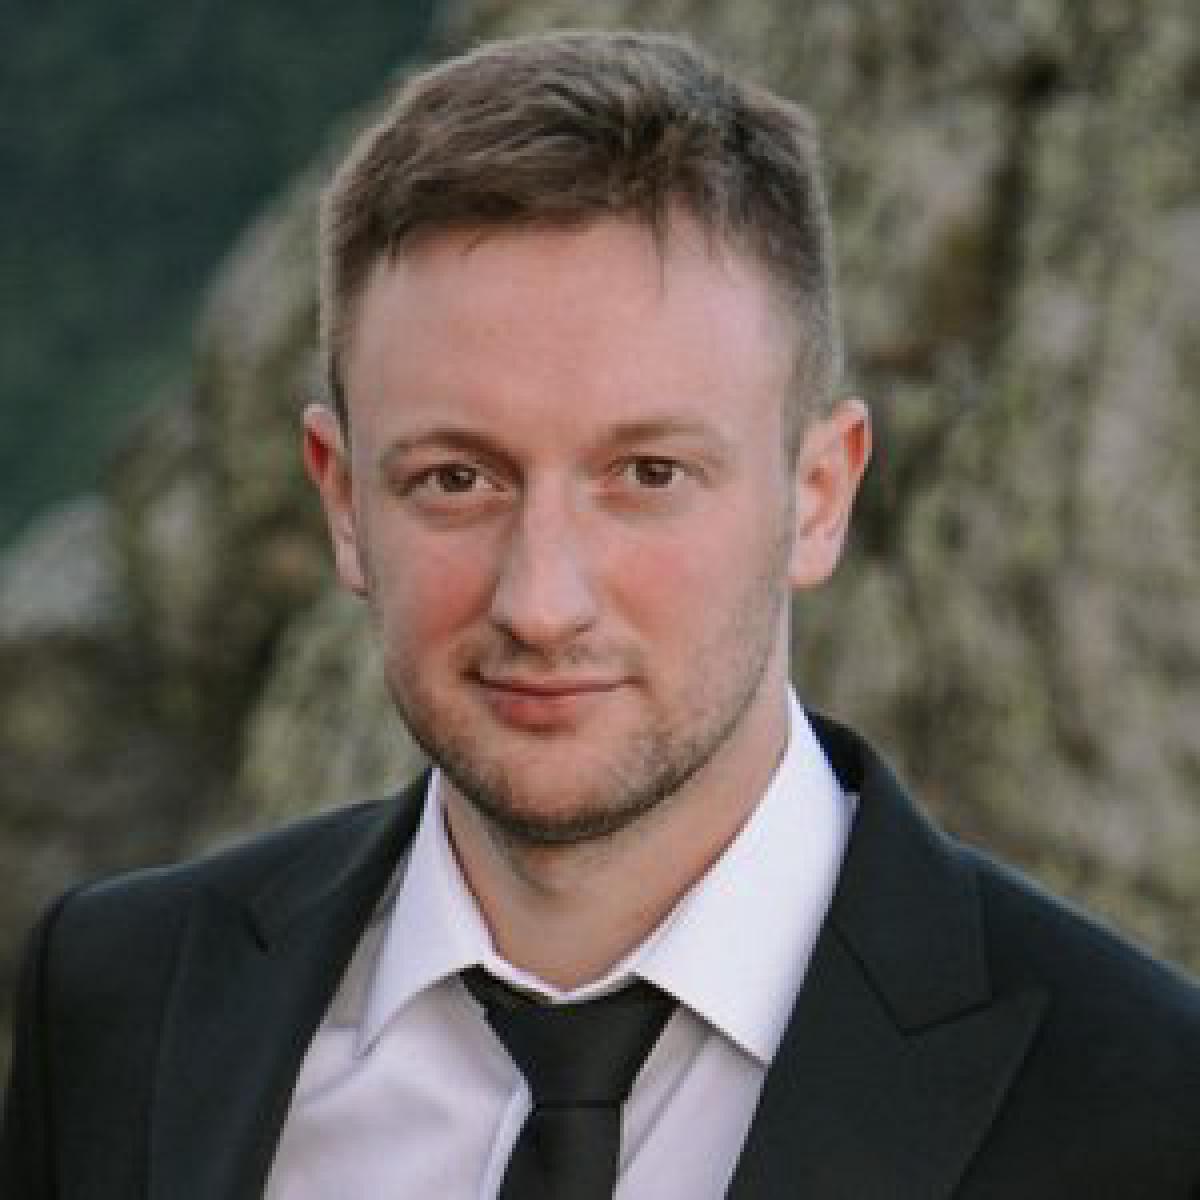 Paul Liviu Popovici